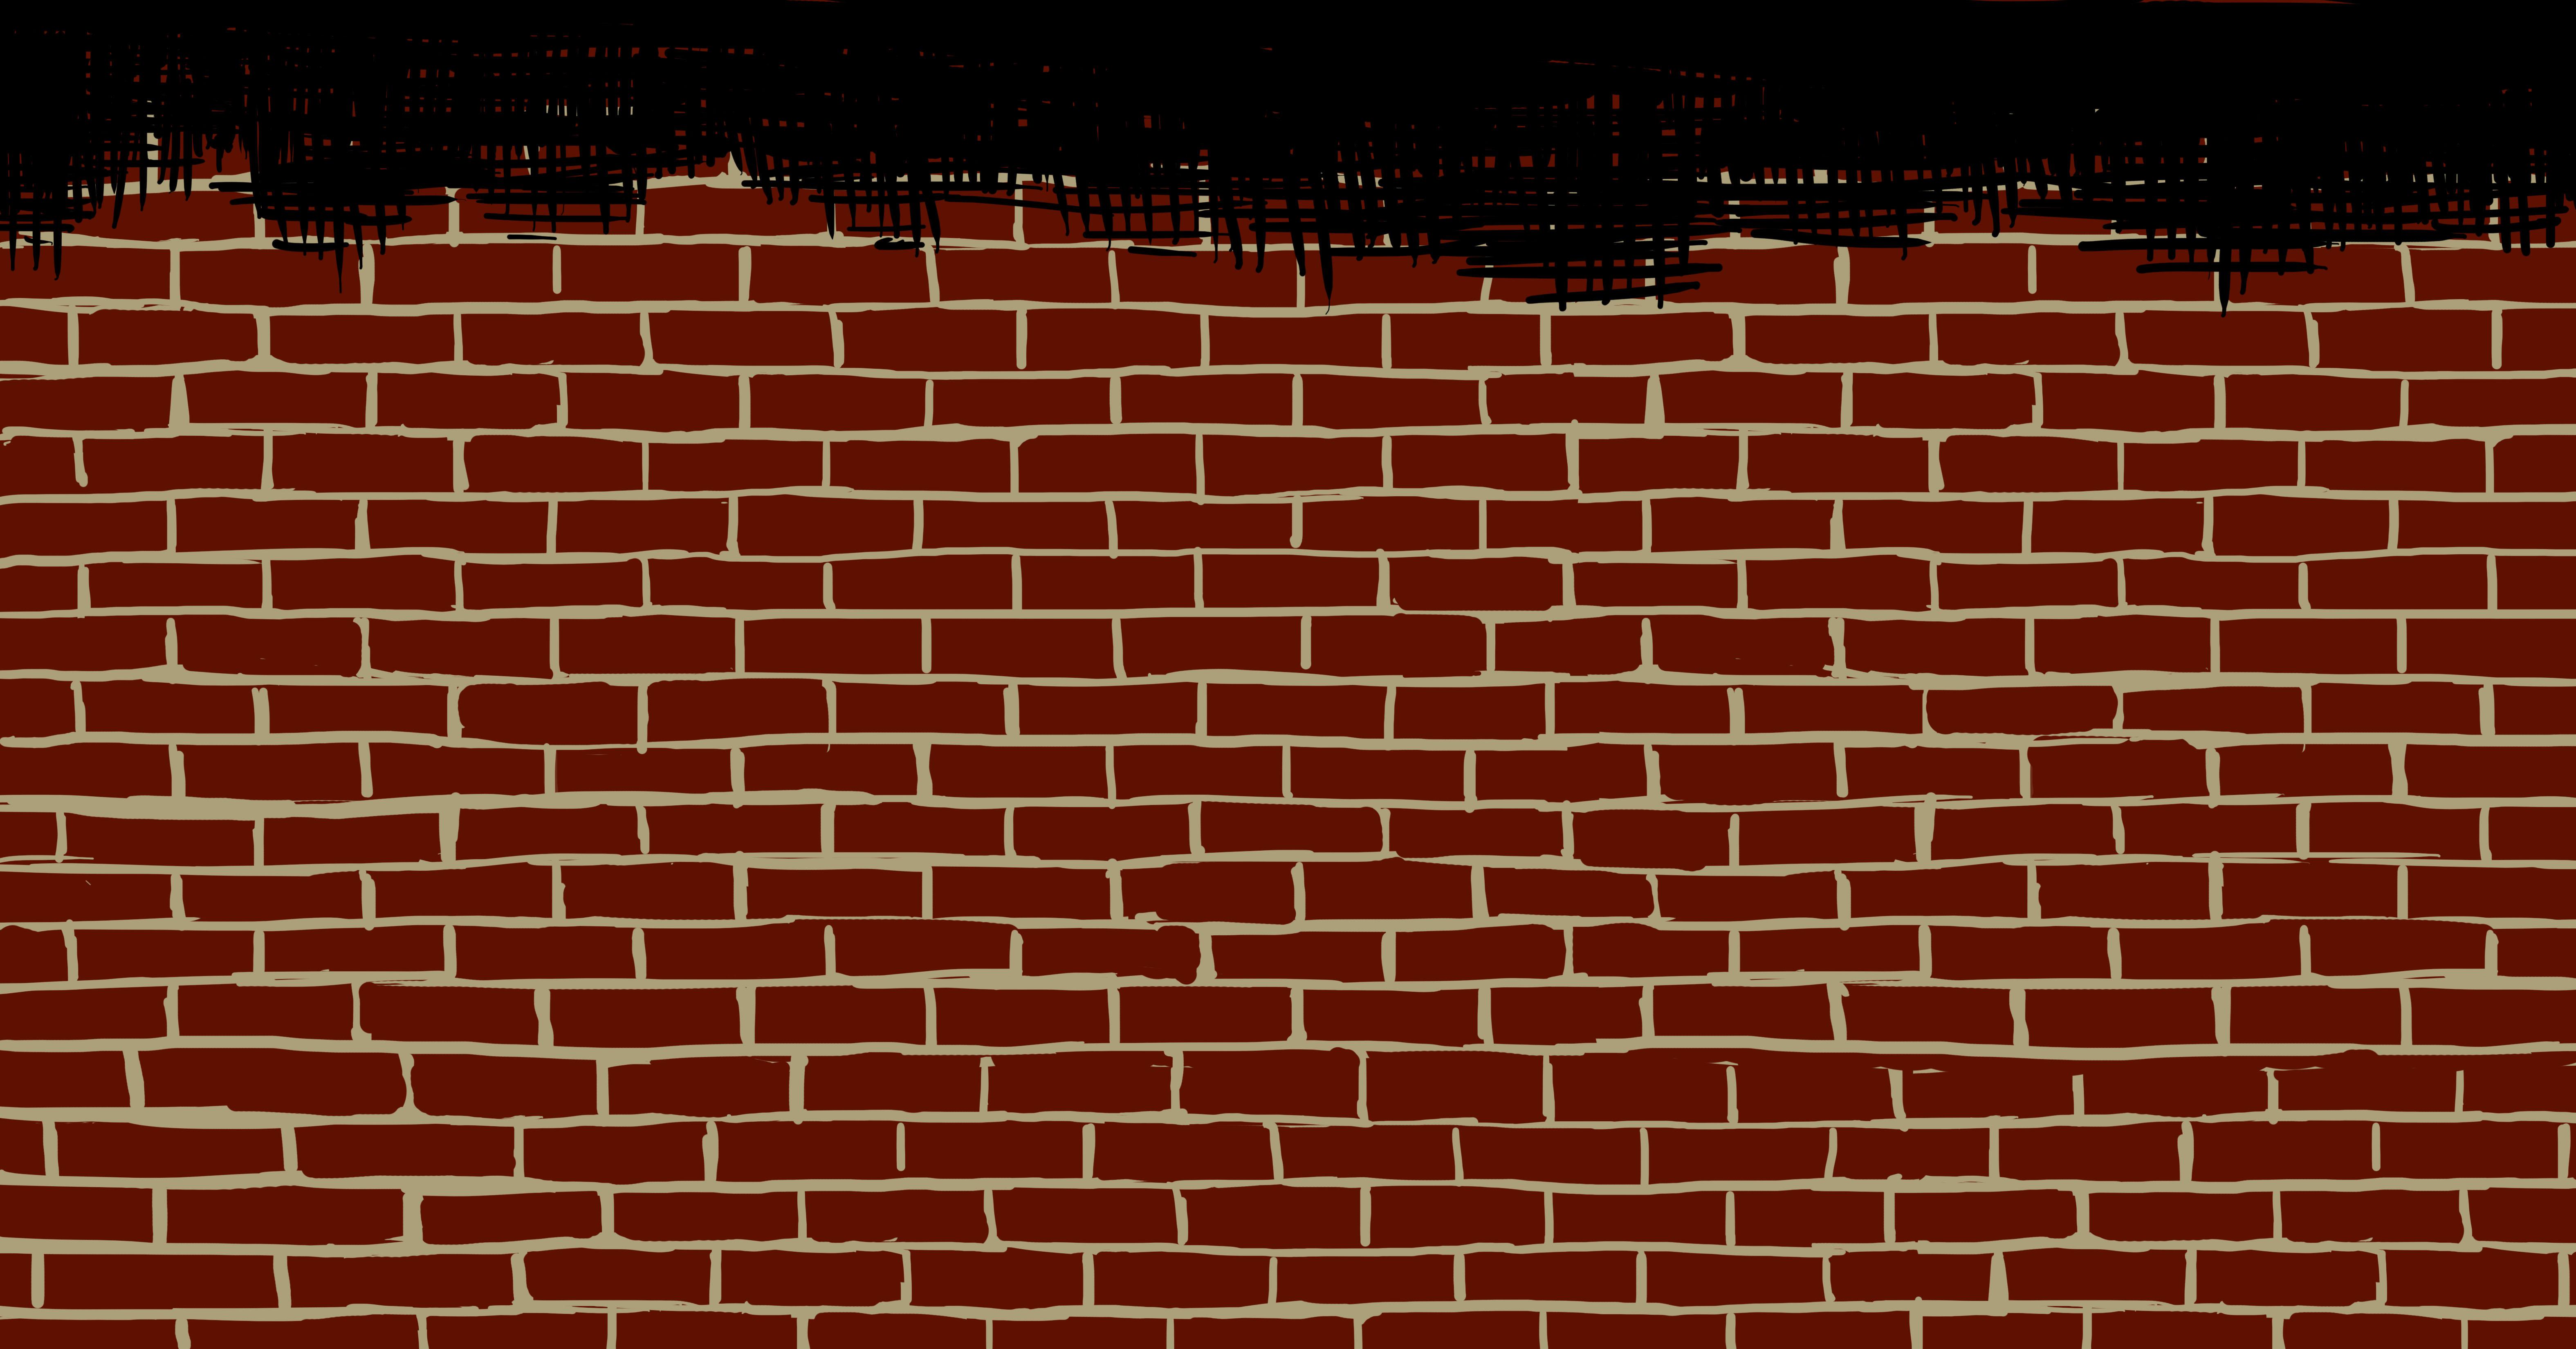 Standard Brick Wall